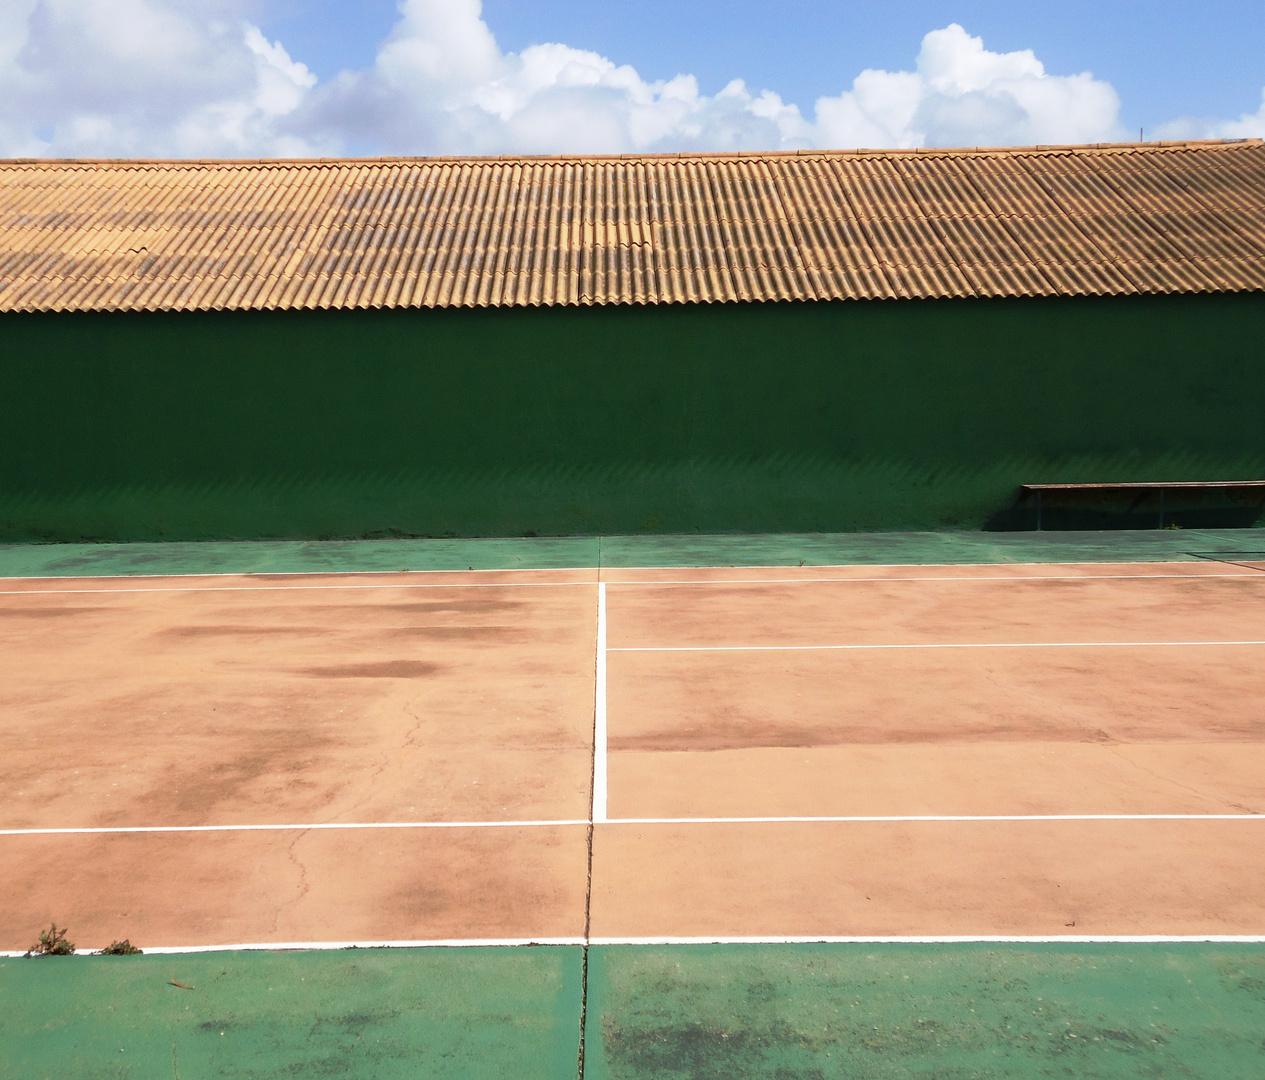 Tennis - öde